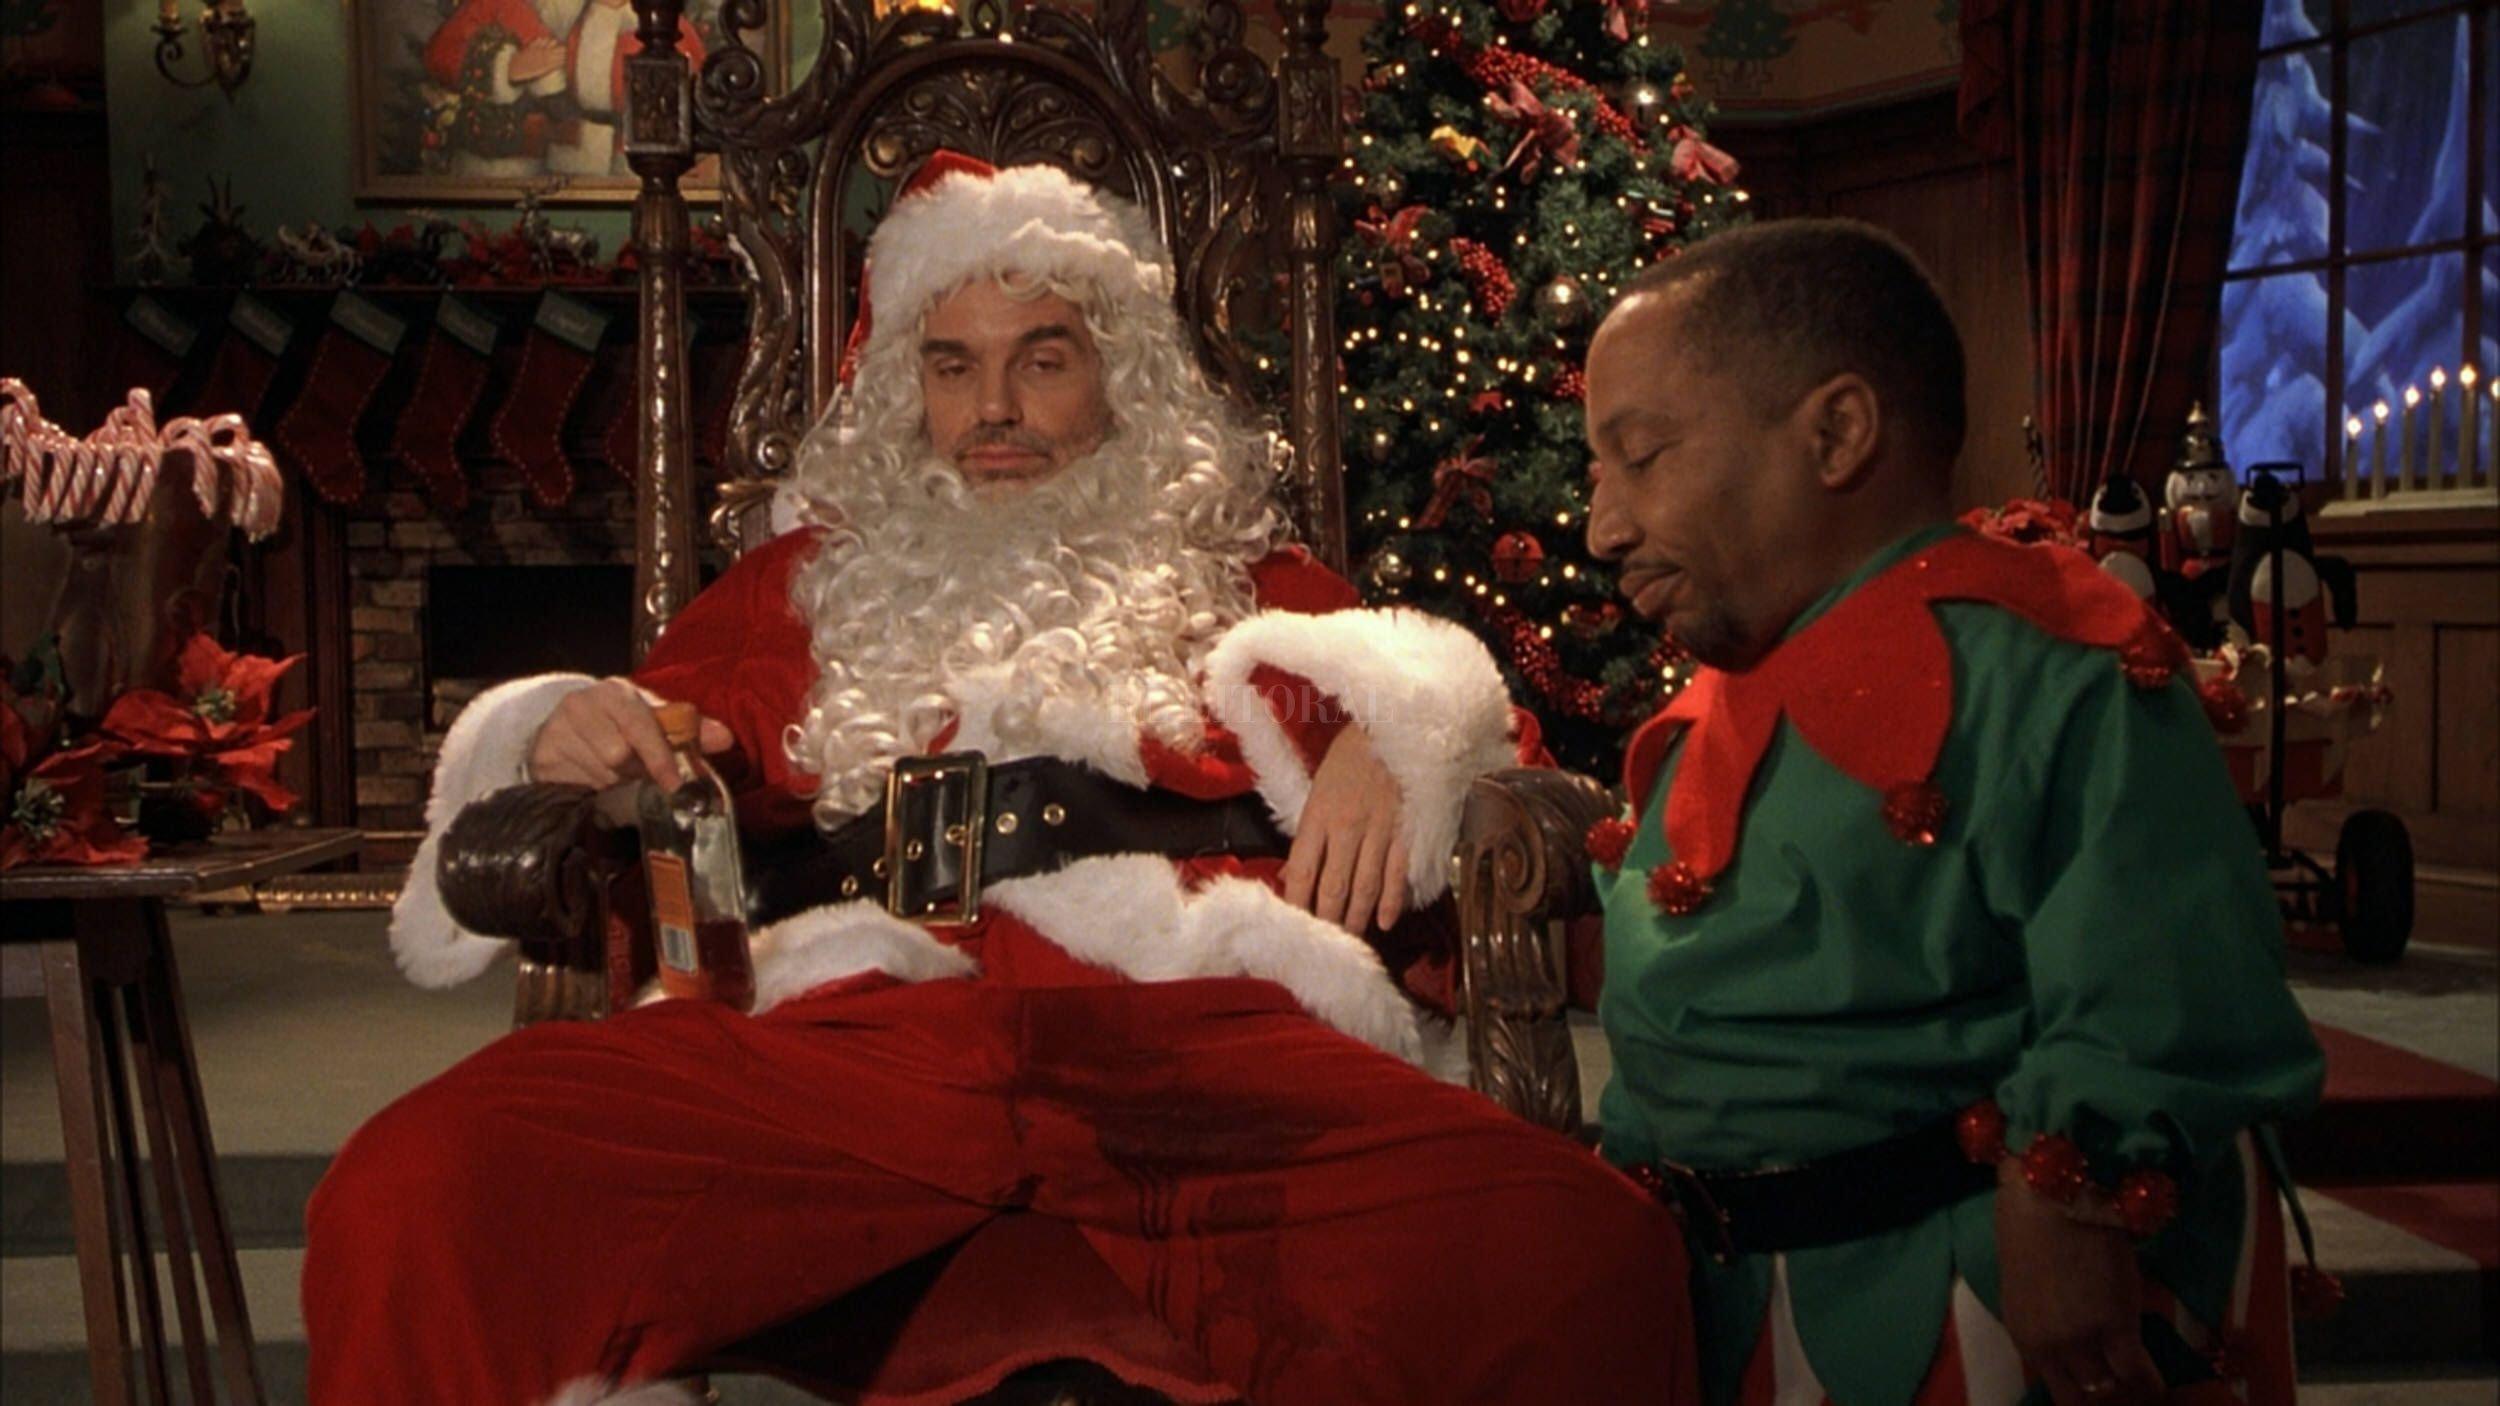 """Billy Bob Thornton encarna a un Papá Noel poco convencional en """"Bad Santa"""". Foto: Gentileza Dimension Films"""